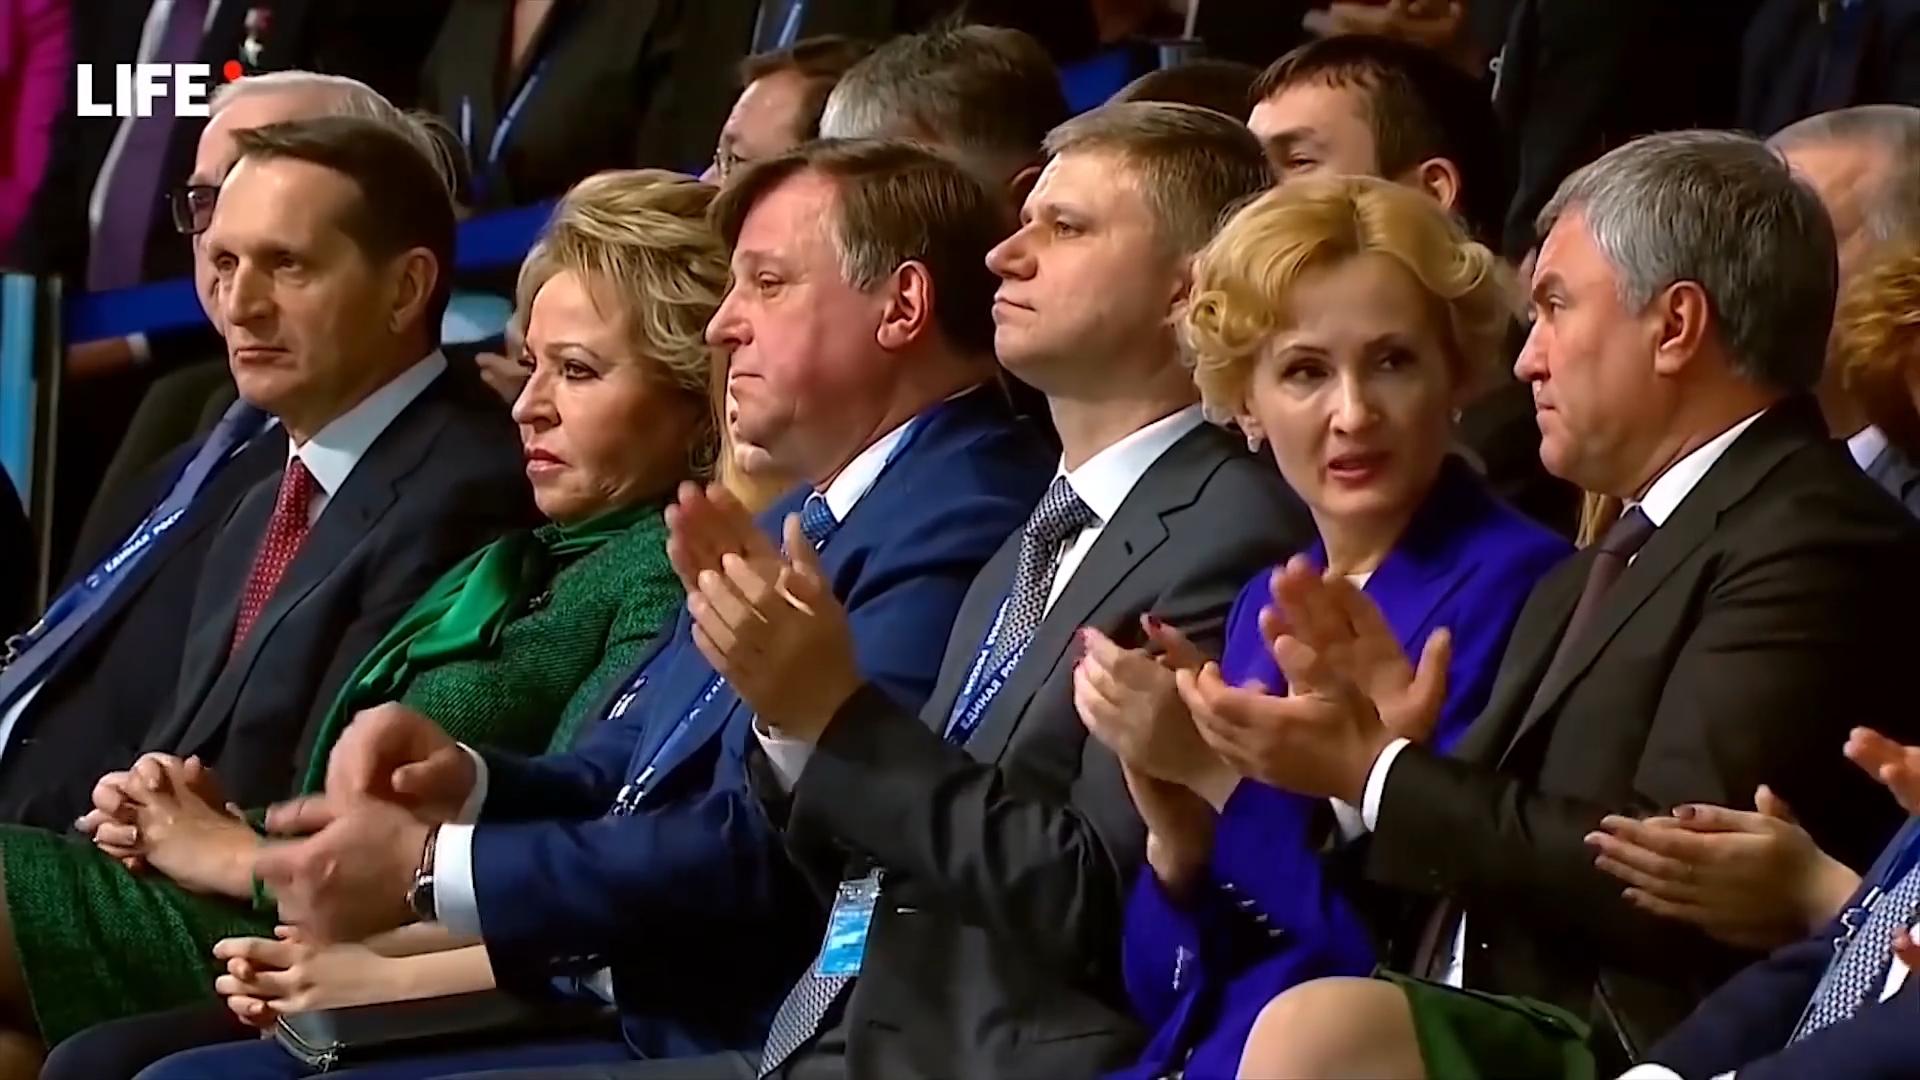 08-Популисты, патриоты и предатели. Все о съезде «Единой России»